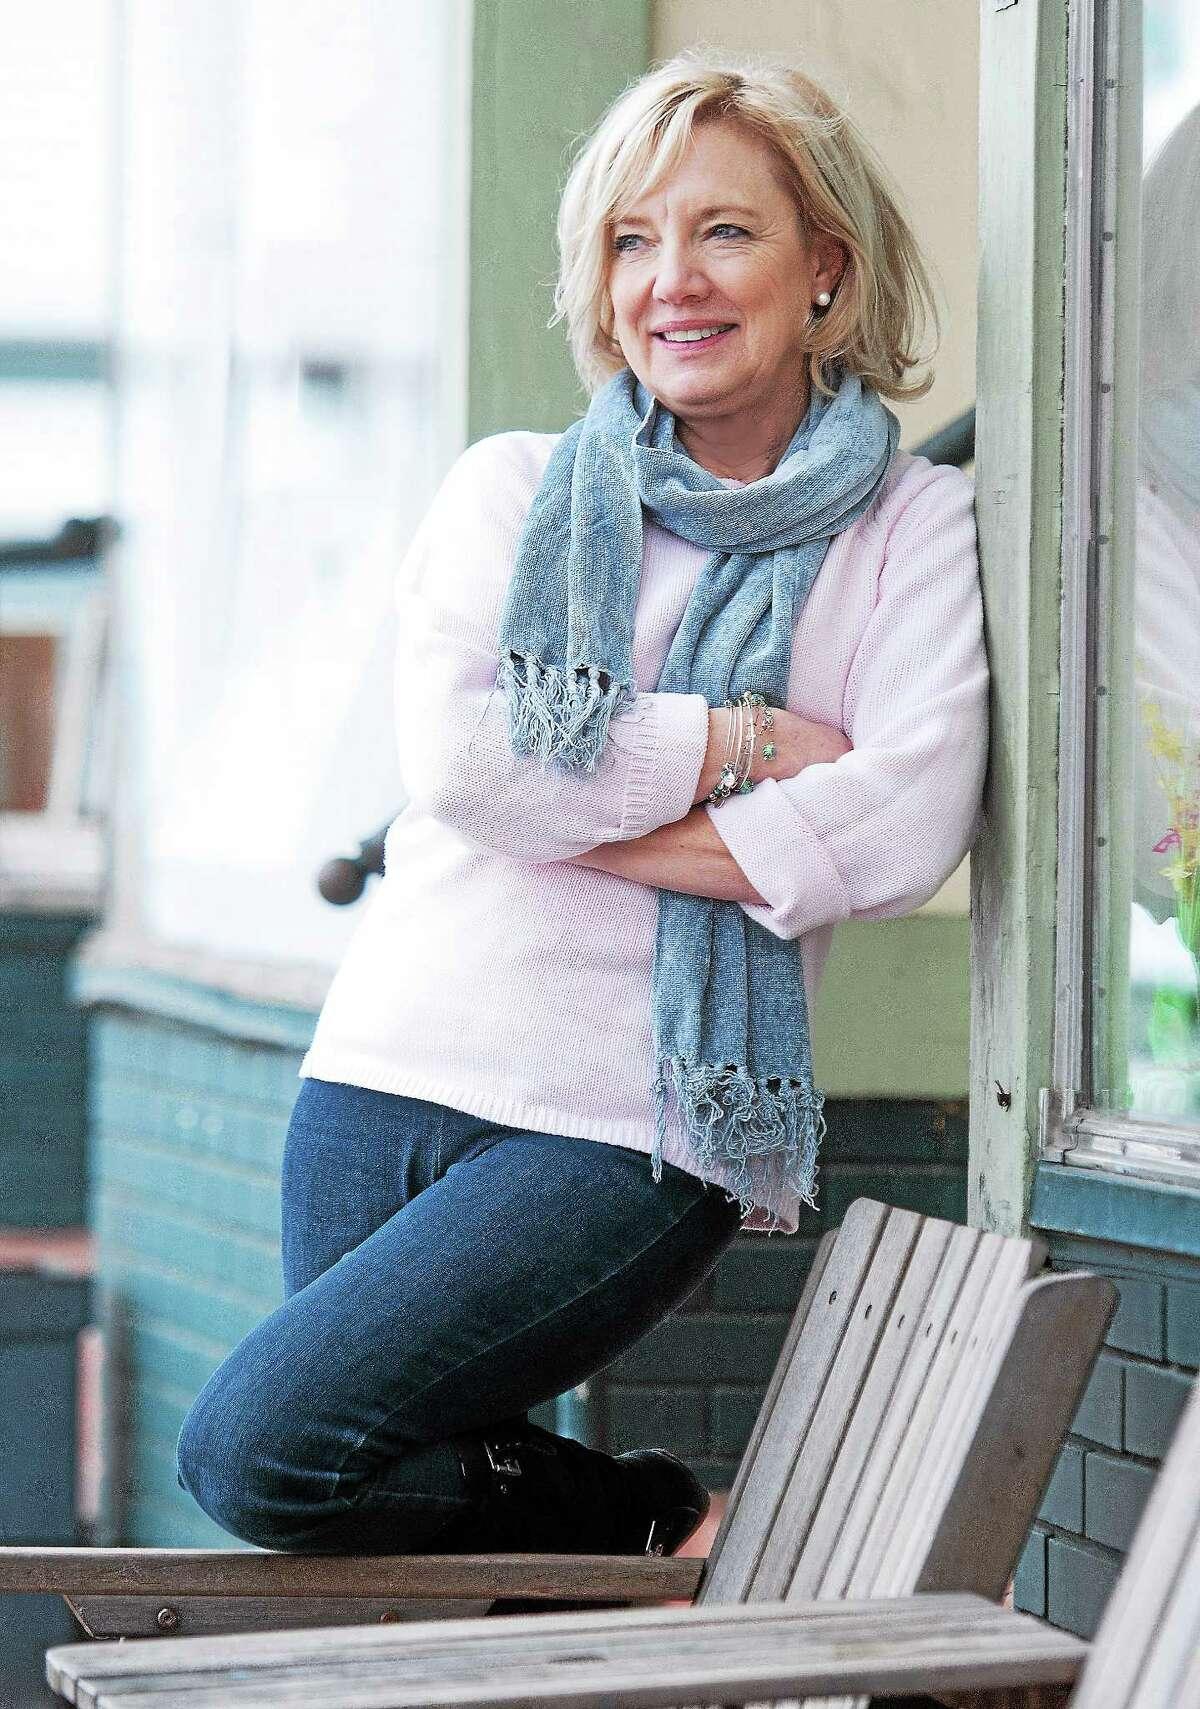 Guilford author Sandi Kahn Shelton, who also writes under the pen name of Maddie Dawson.